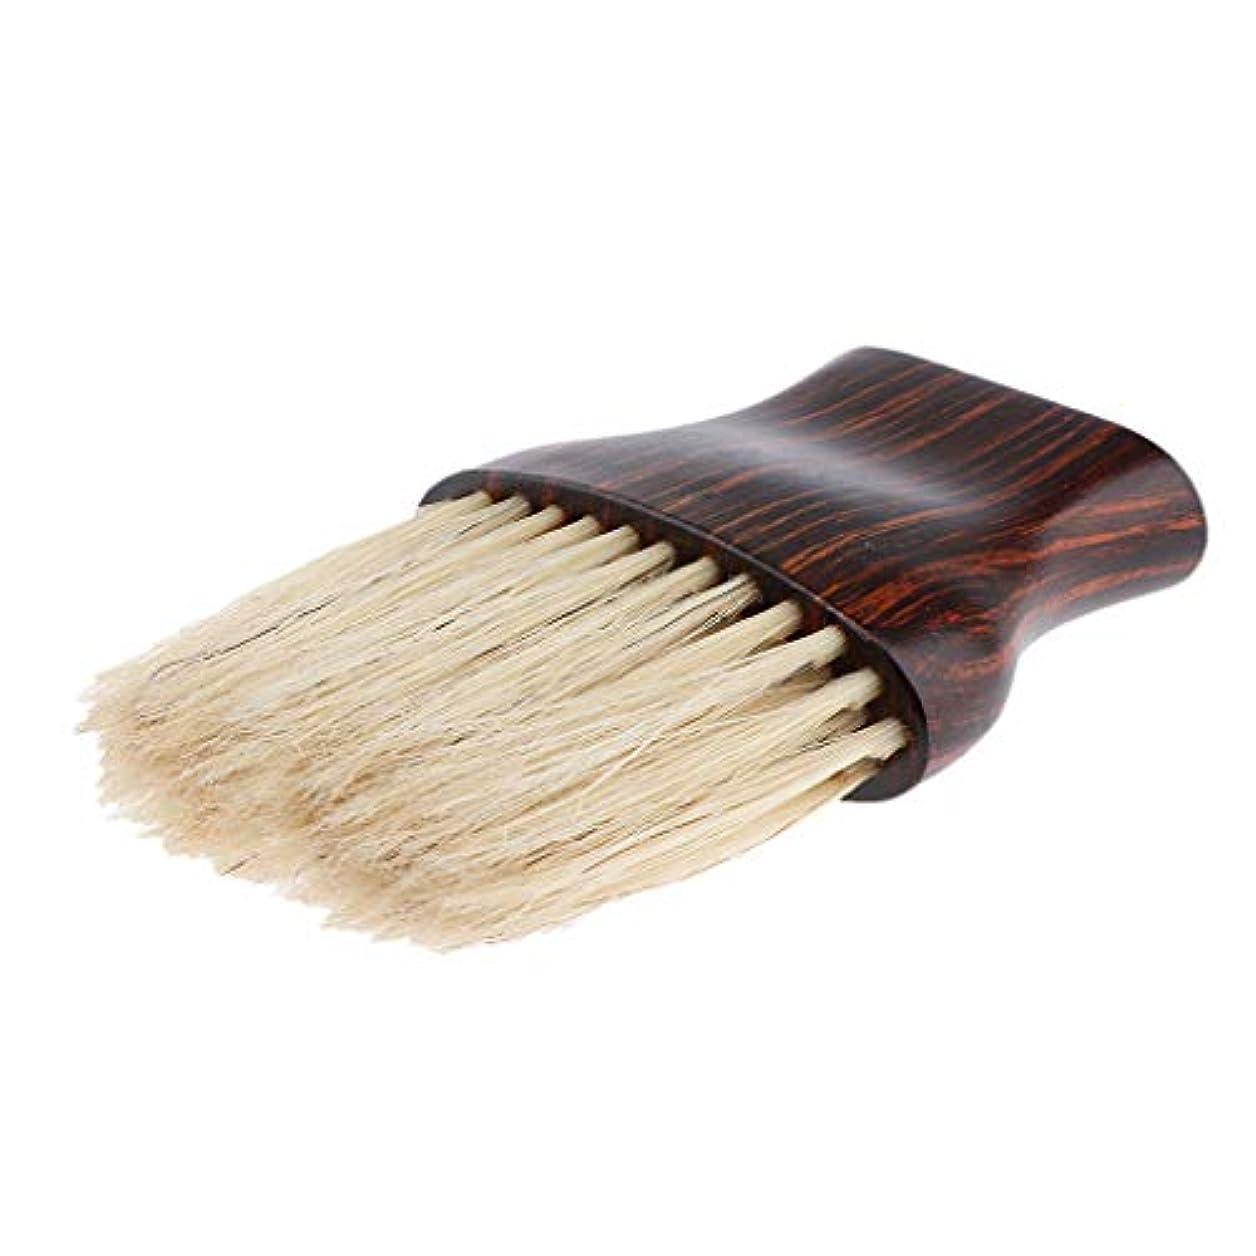 バラ色ジーンズパラナ川CUTICATE ヘアカットブラシ ネックダスタークリーニング ヘアブラシ 理髪師理髪ツール